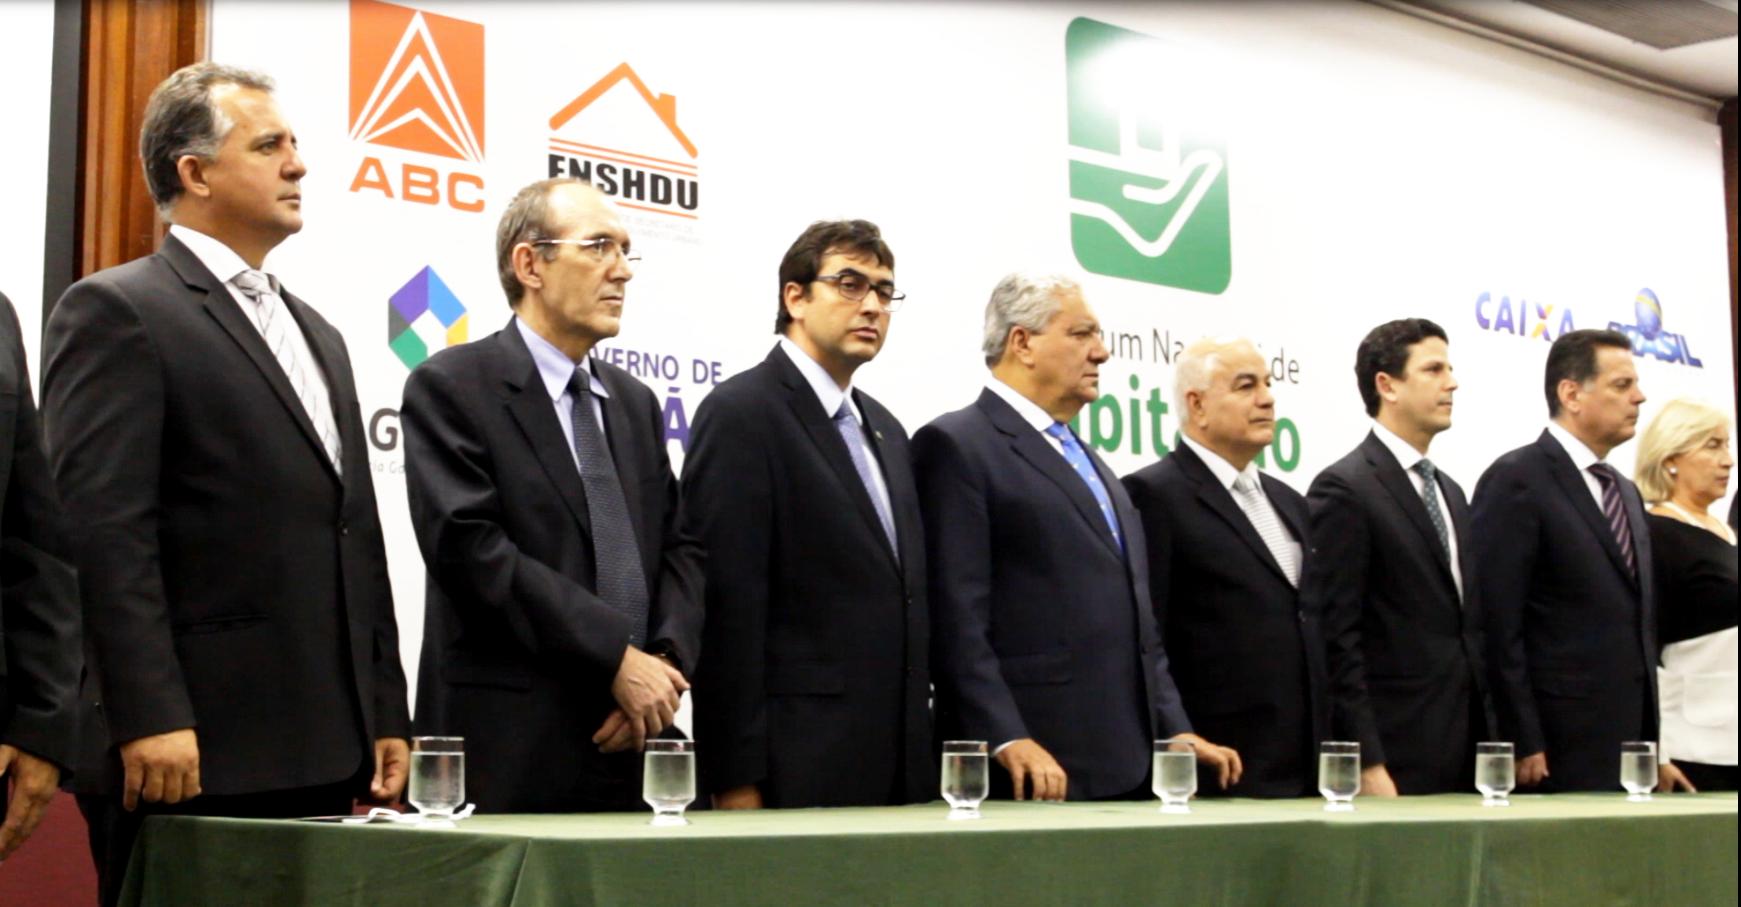 Ministro das cidades visita Goiás durante Fórum de Habitação